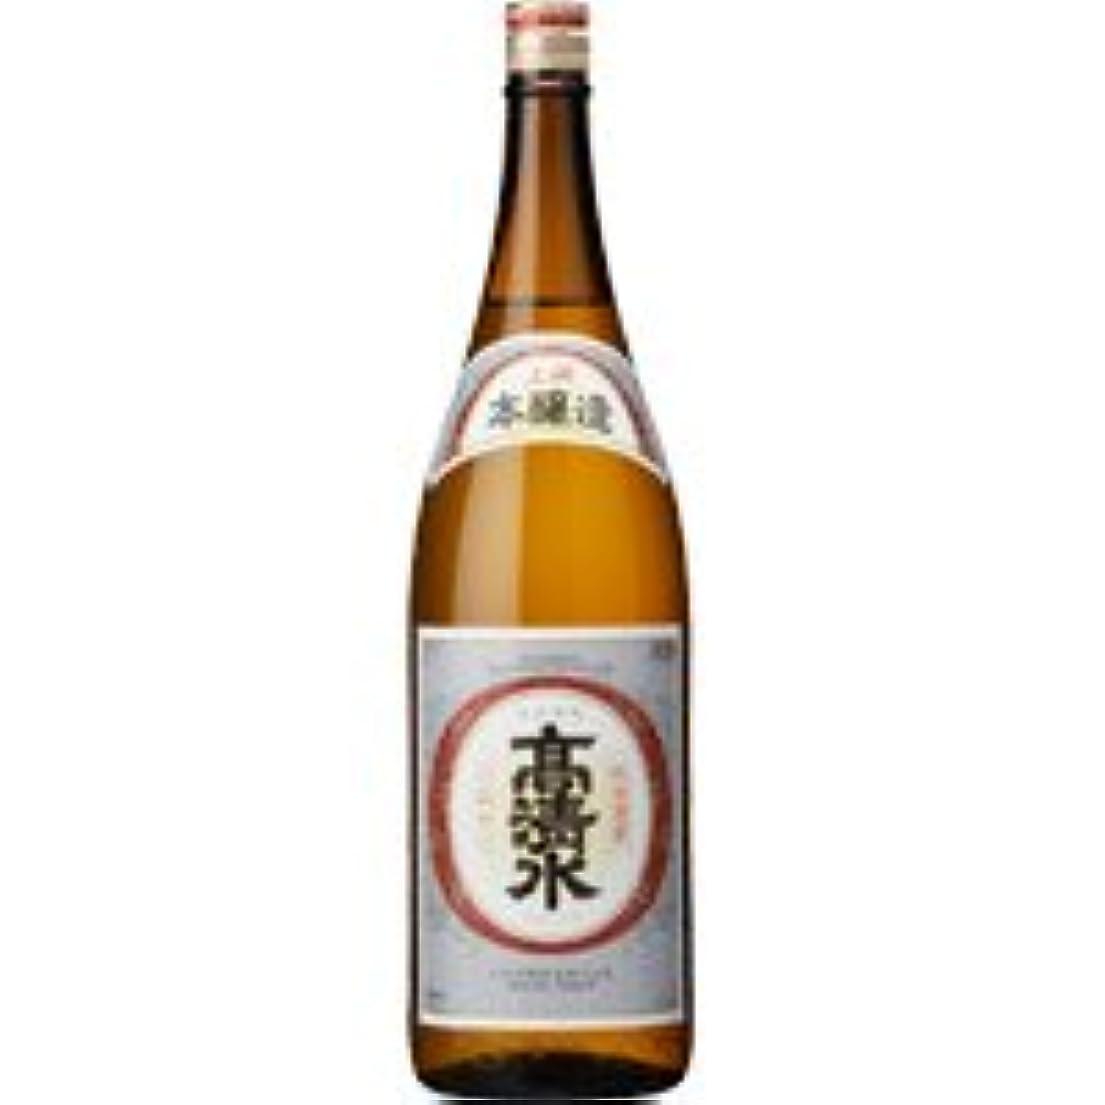 溶かすどこでも哲学的上撰 高清水 本醸造(秋田) 1.8L 1本